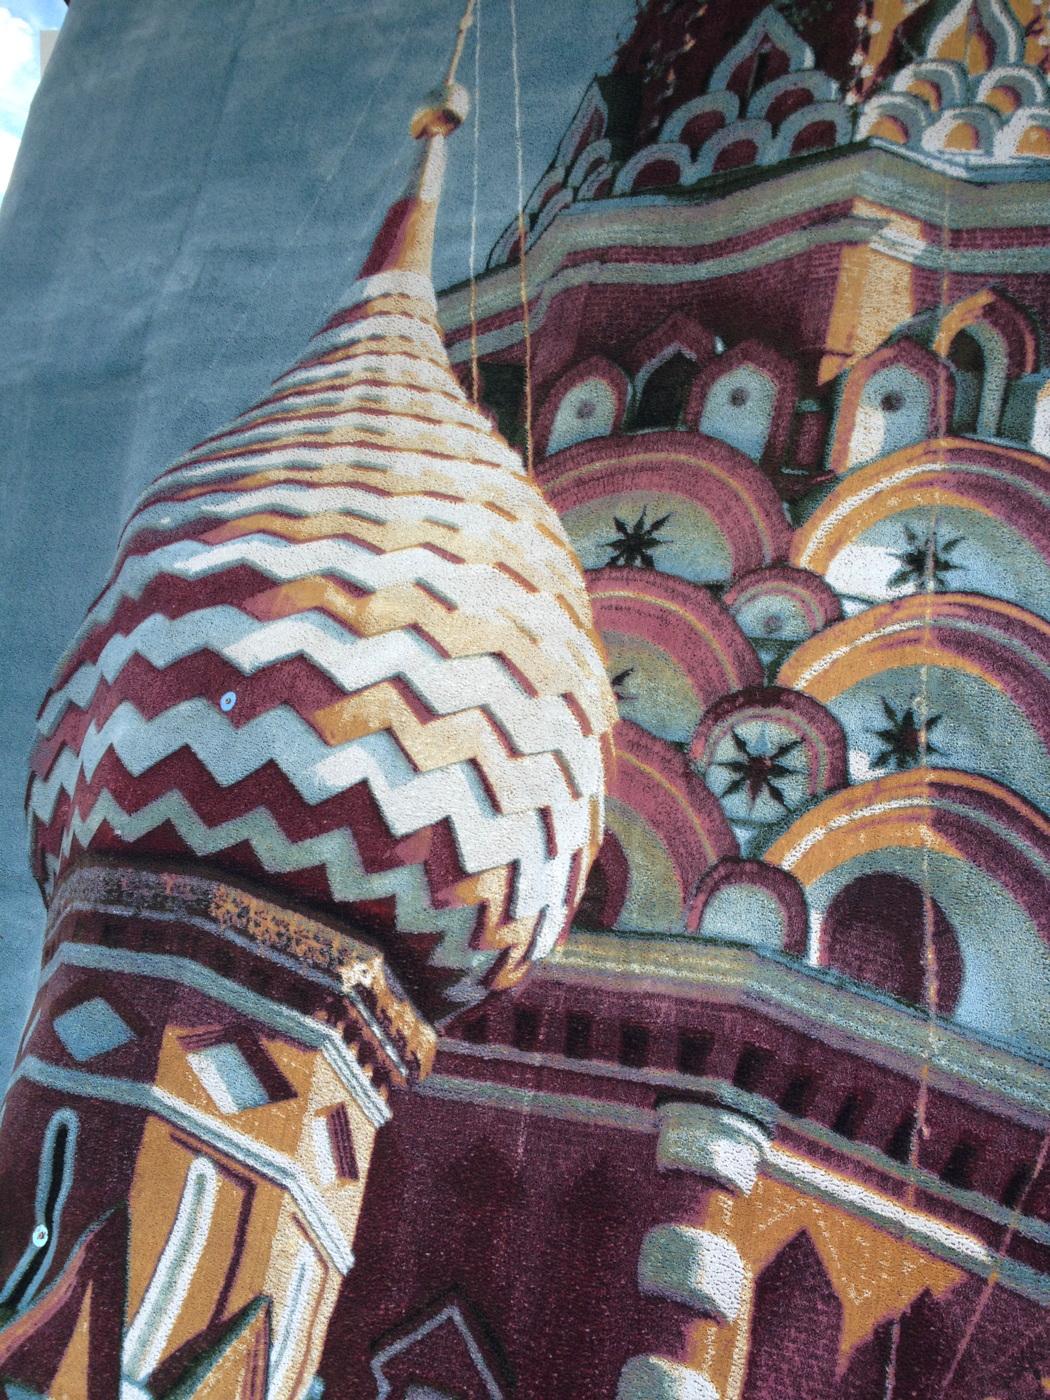 gregorg_see_russia_detail_01.jpg